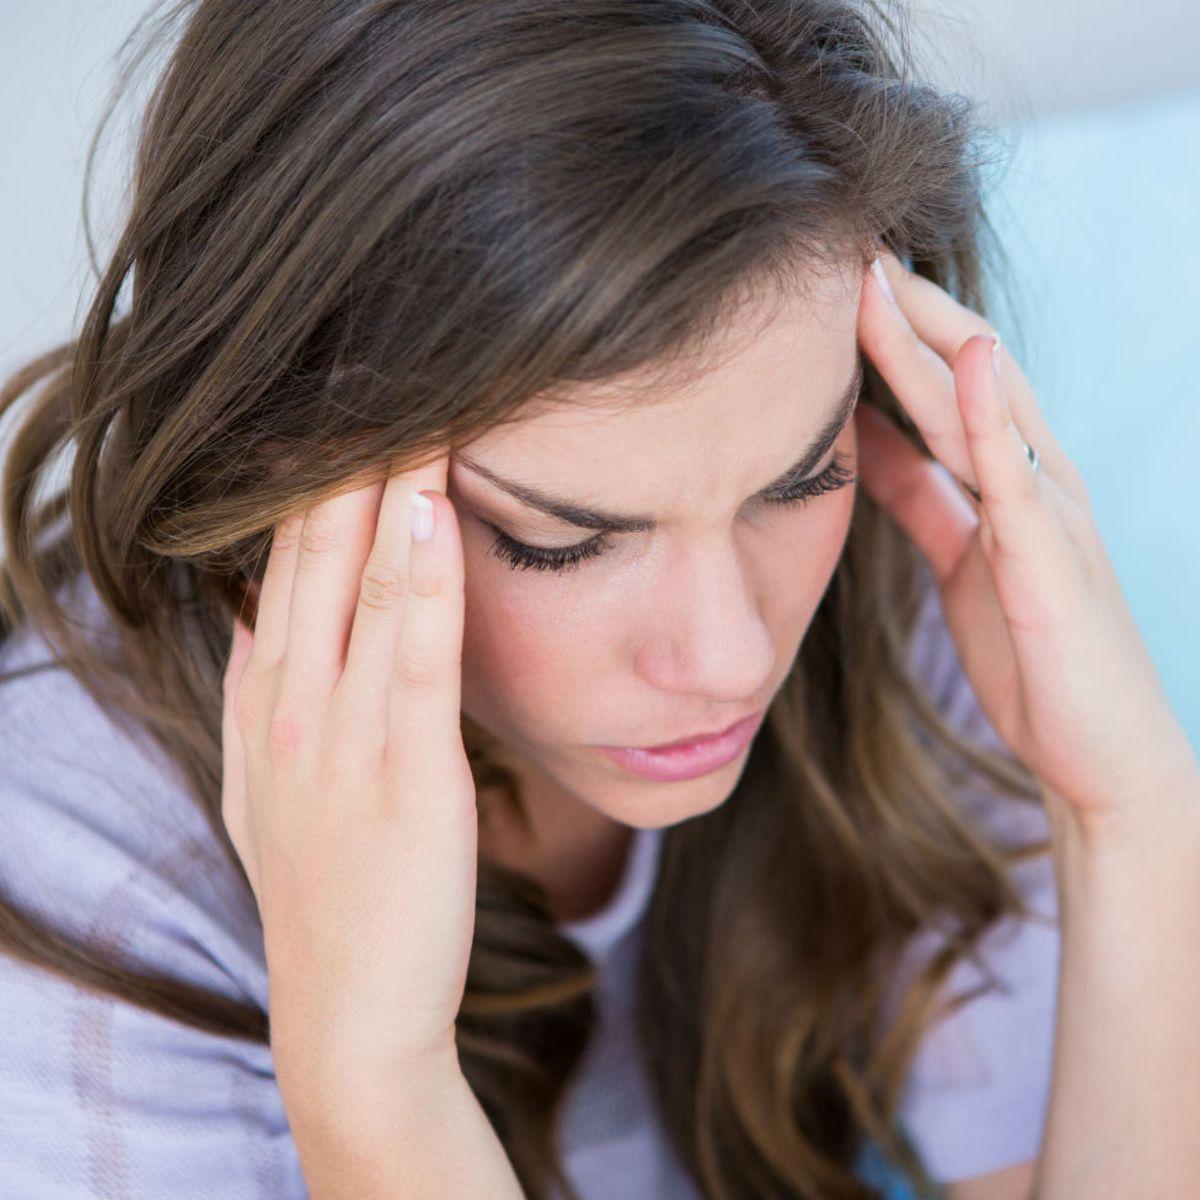 comment faire passer migraine